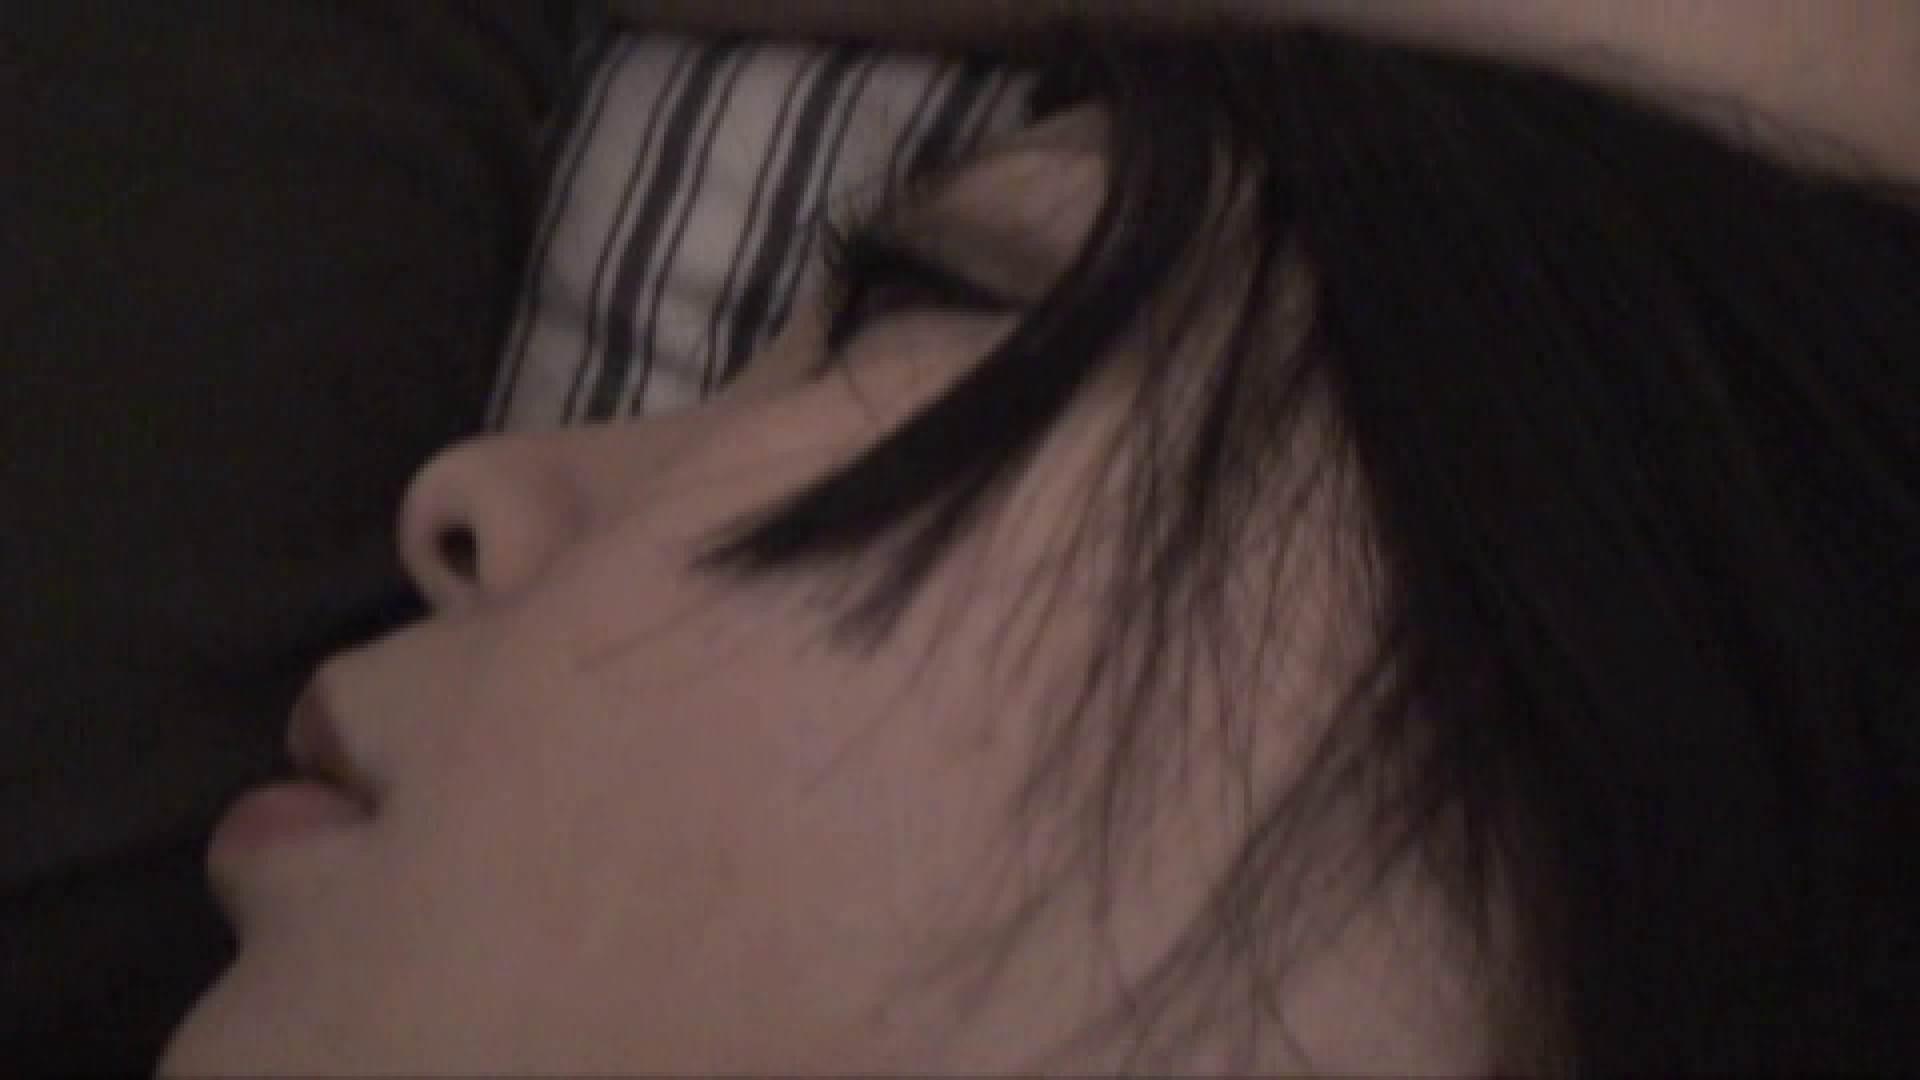 起きません! vol.14